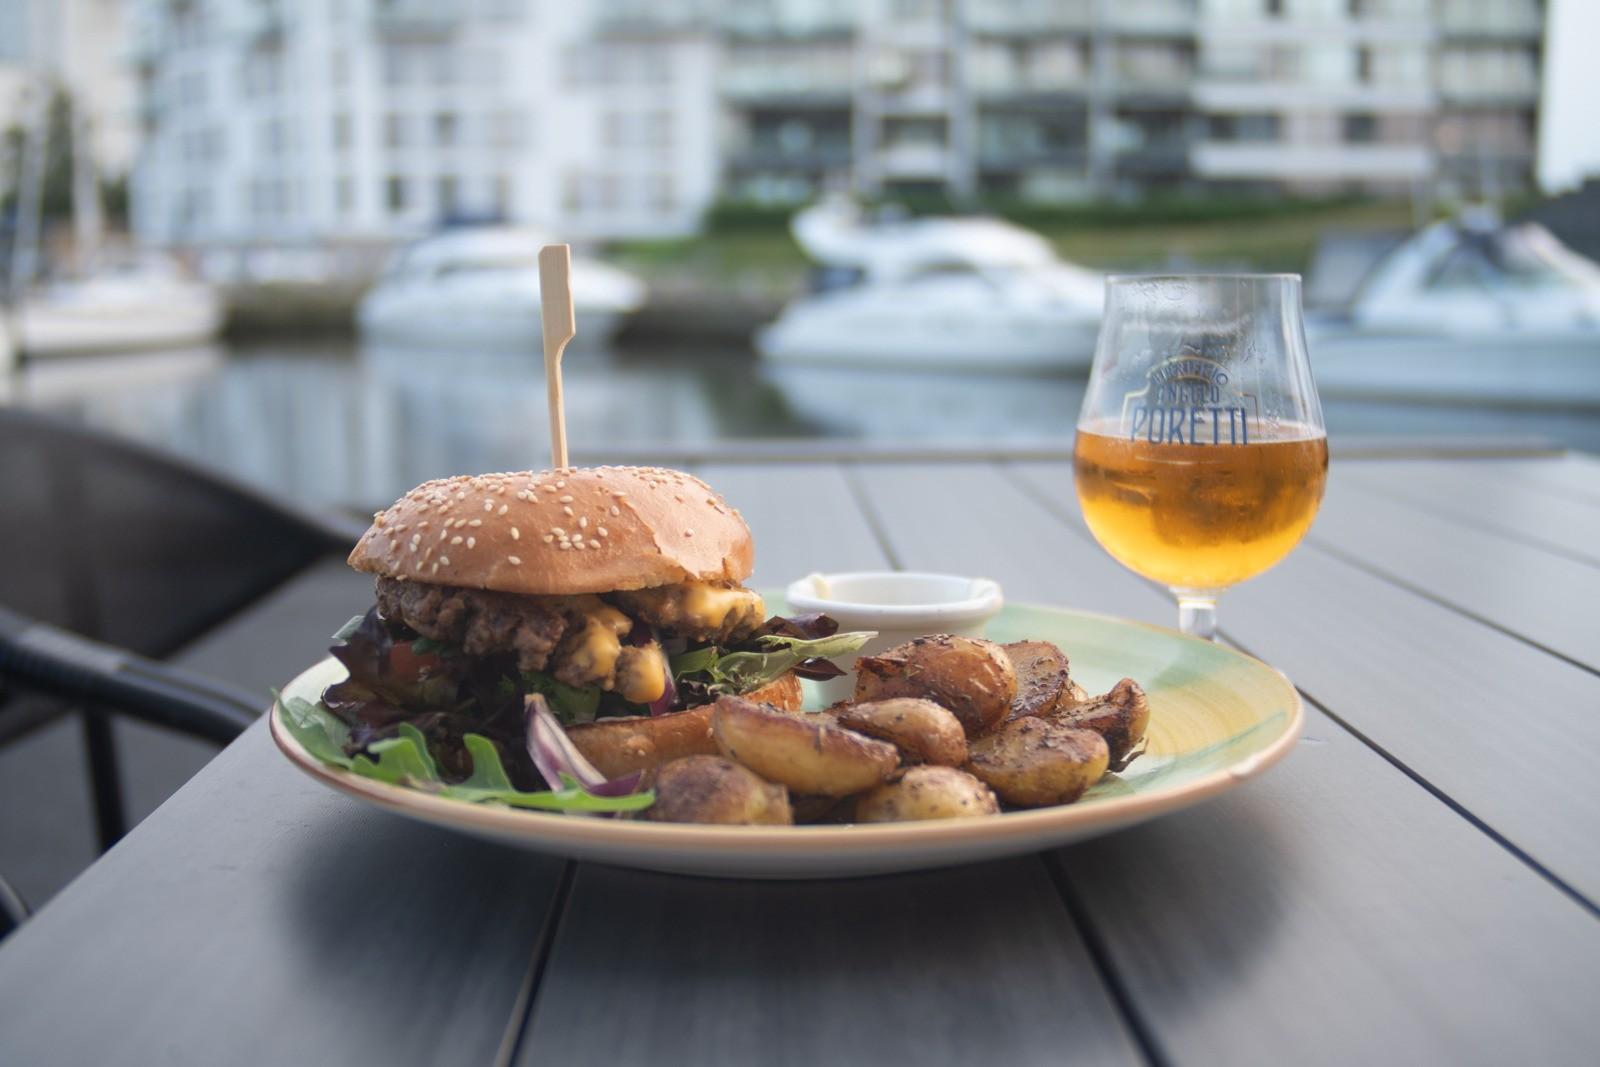 Øl og burger ved Nykøbing Falsters havnekvarter - taget med Lomography Neptune objektiv